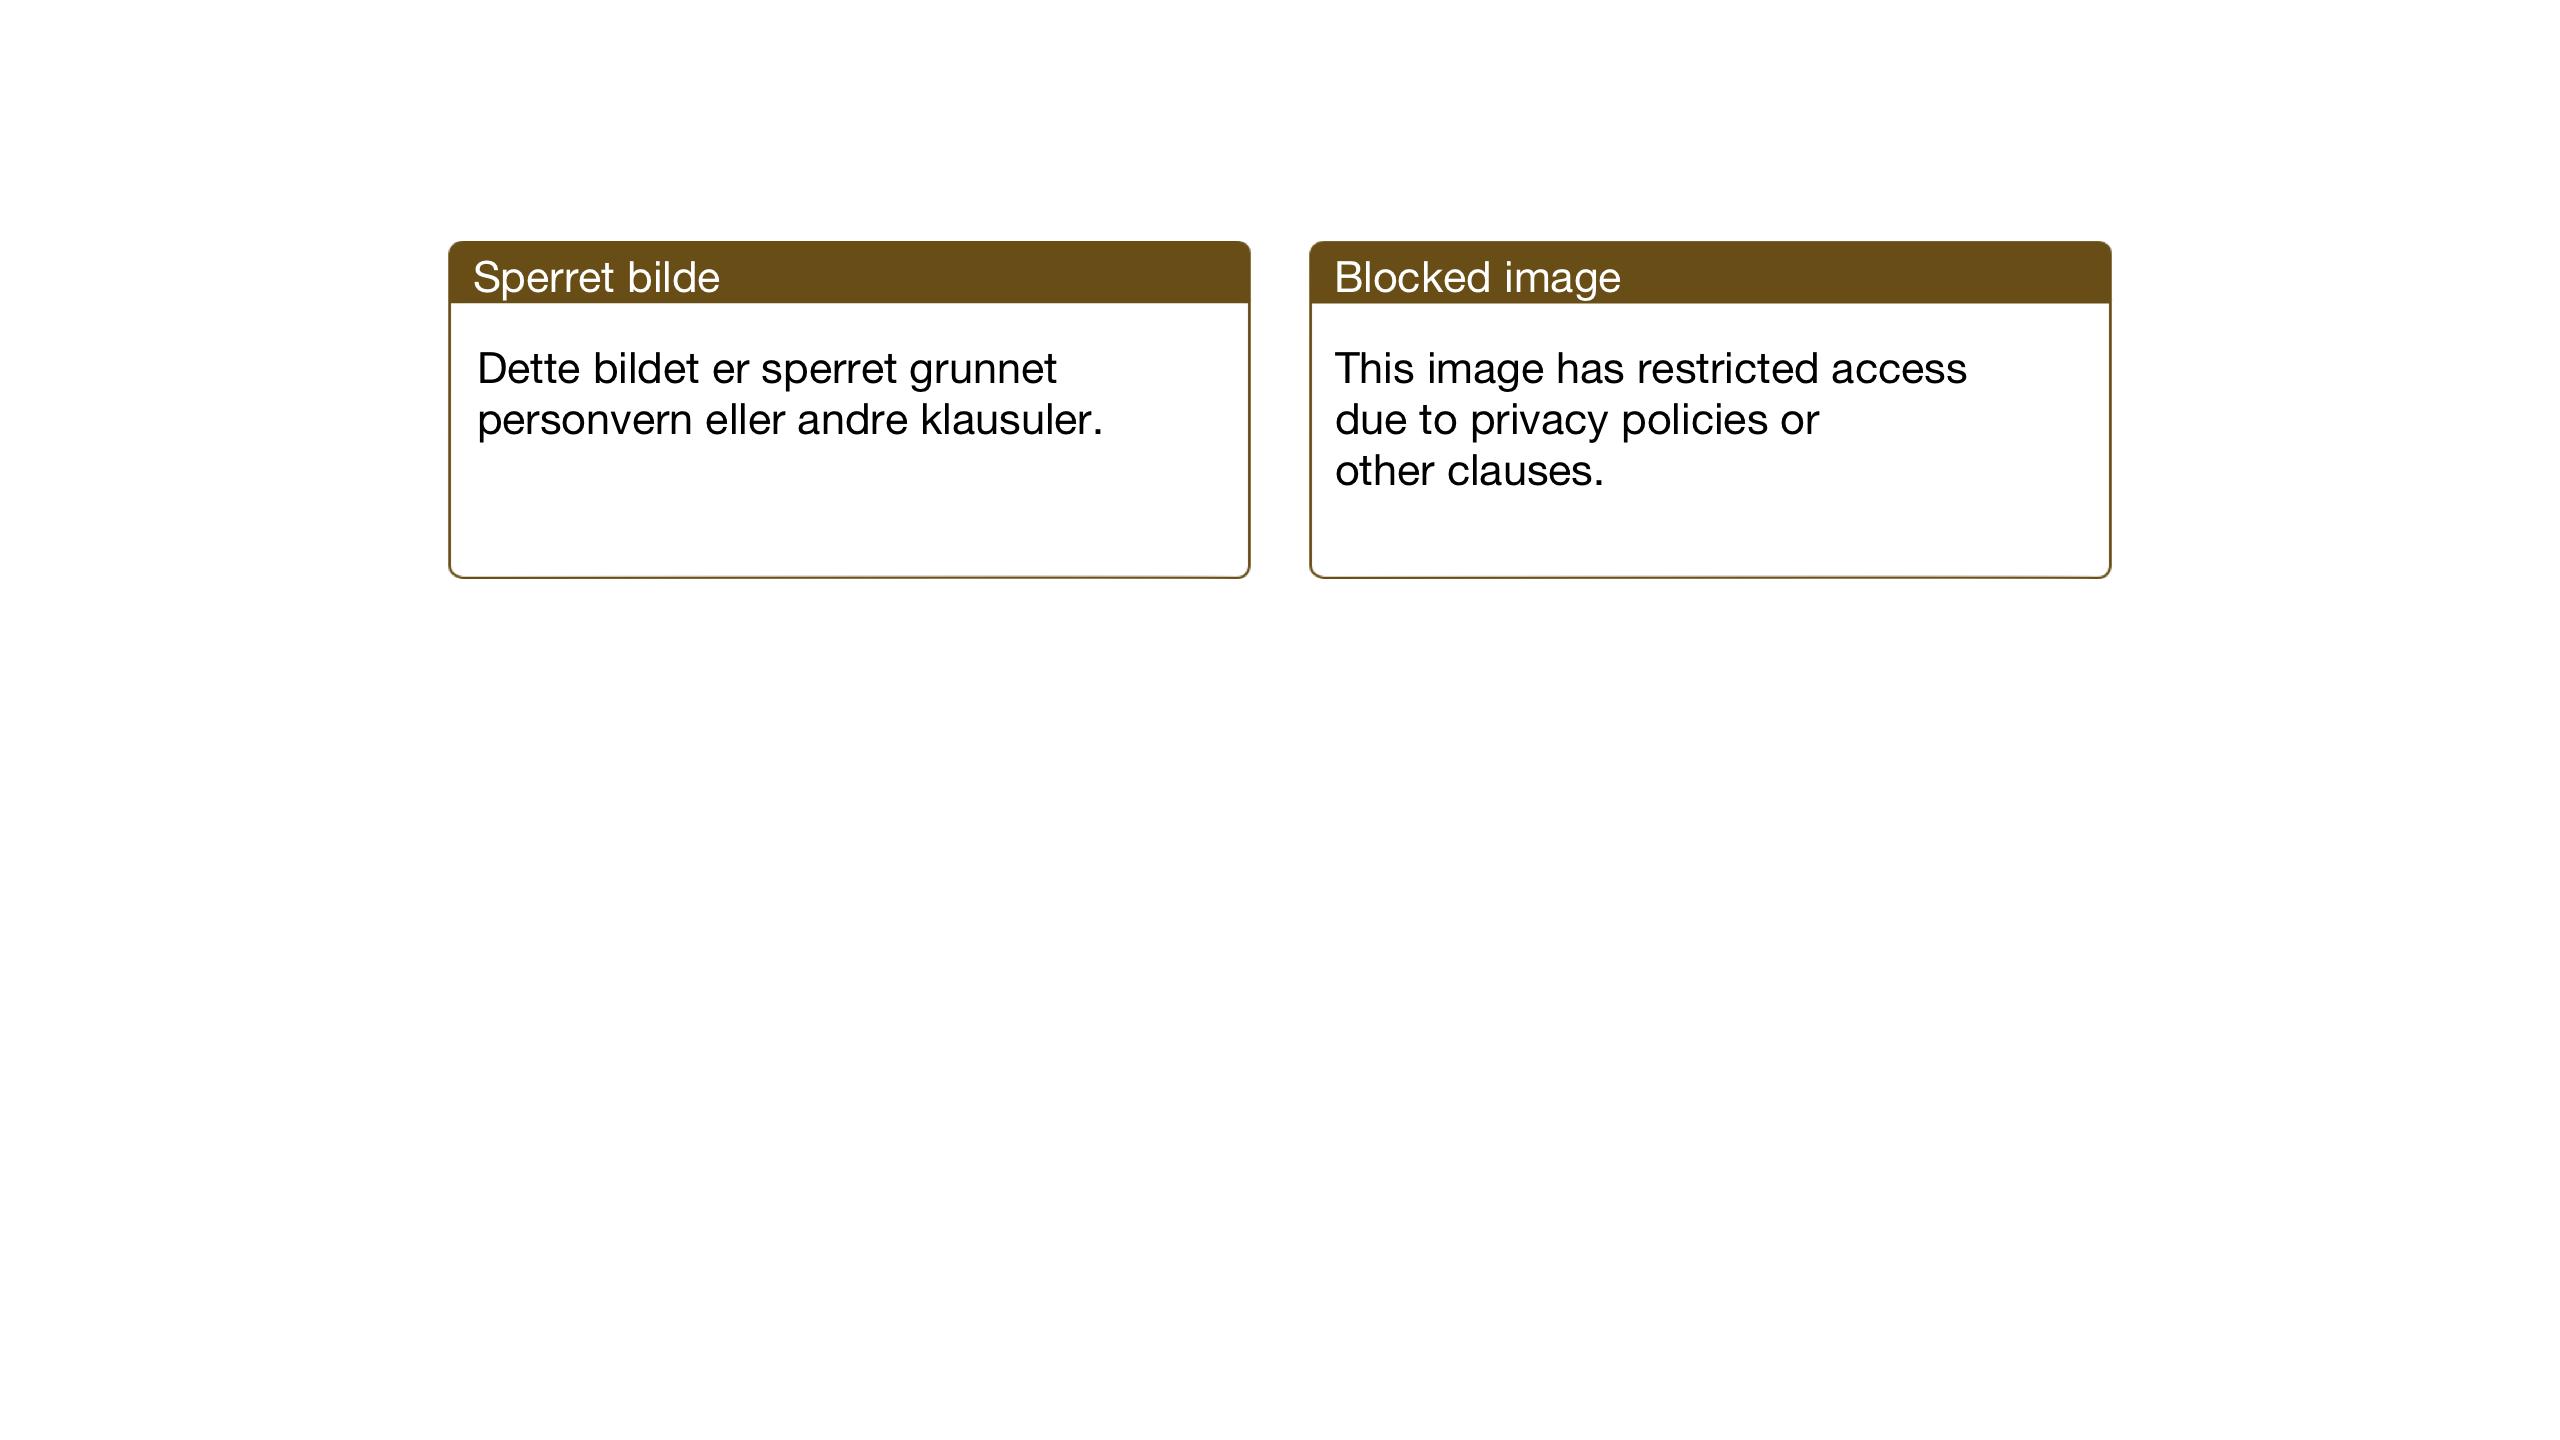 SAT, Ministerialprotokoller, klokkerbøker og fødselsregistre - Sør-Trøndelag, 603/L0177: Klokkerbok nr. 603C05, 1941-1952, s. 222